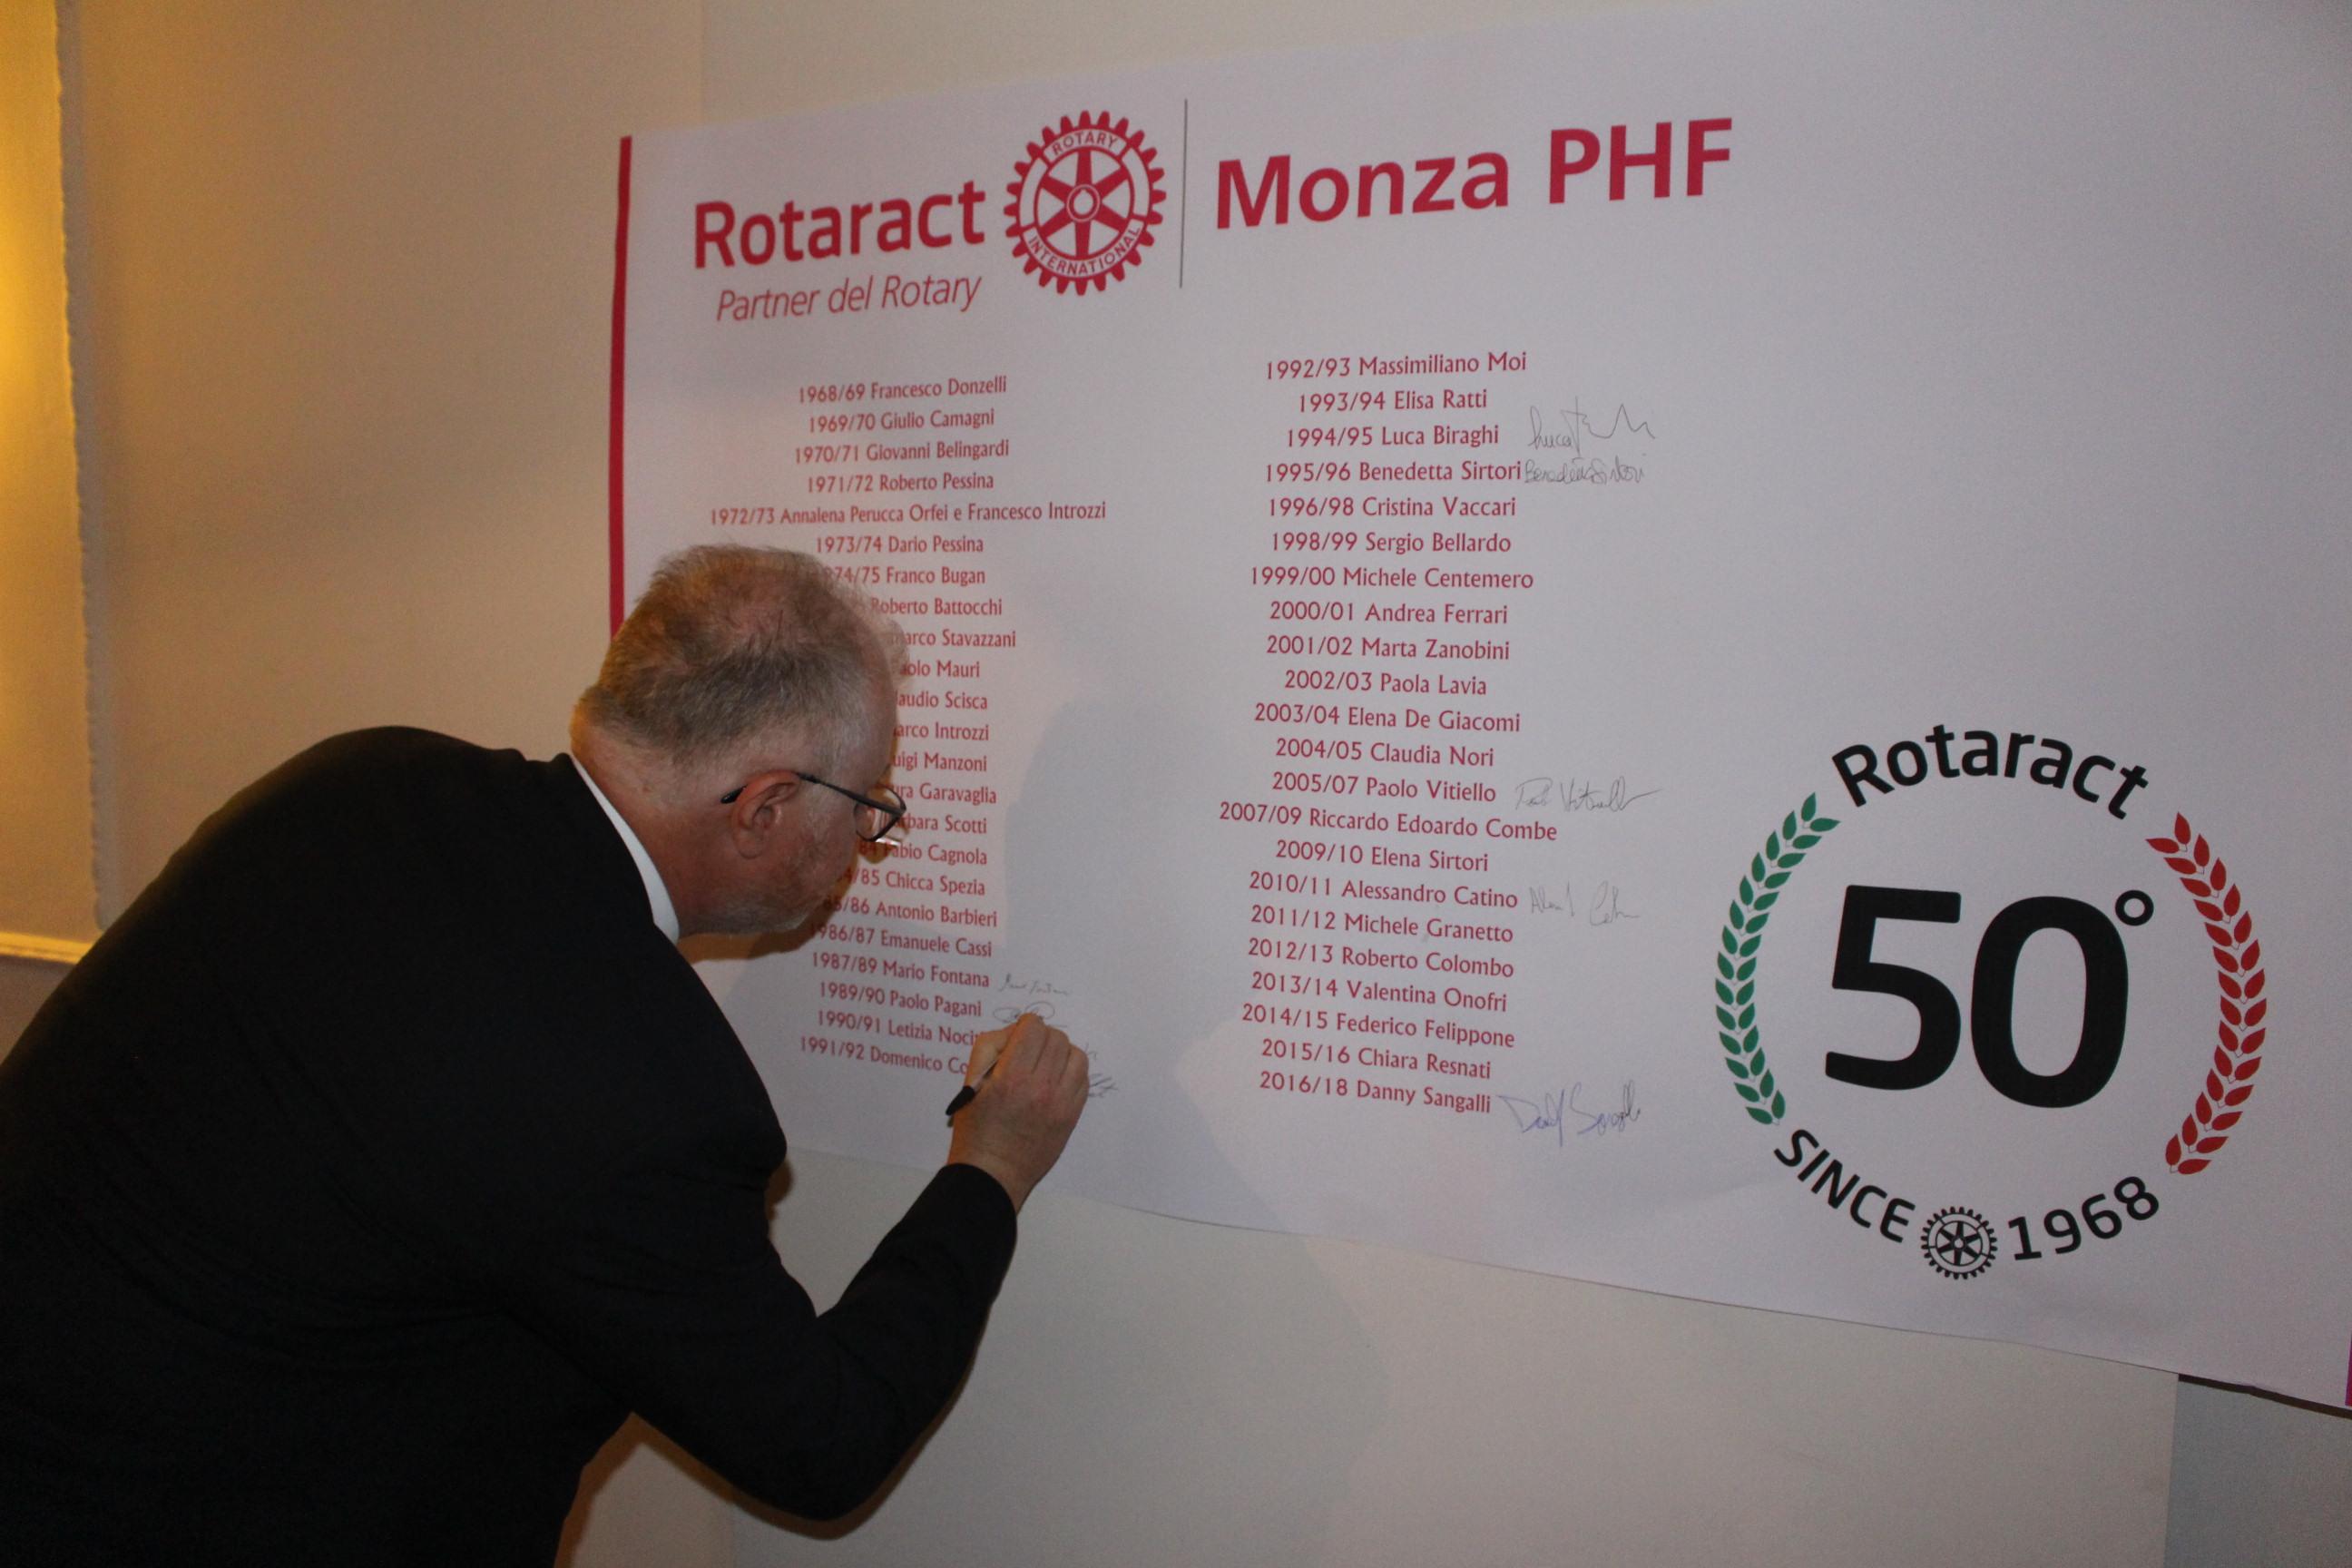 50 anni rotaract i past president firmano di fianco ai loro nomi